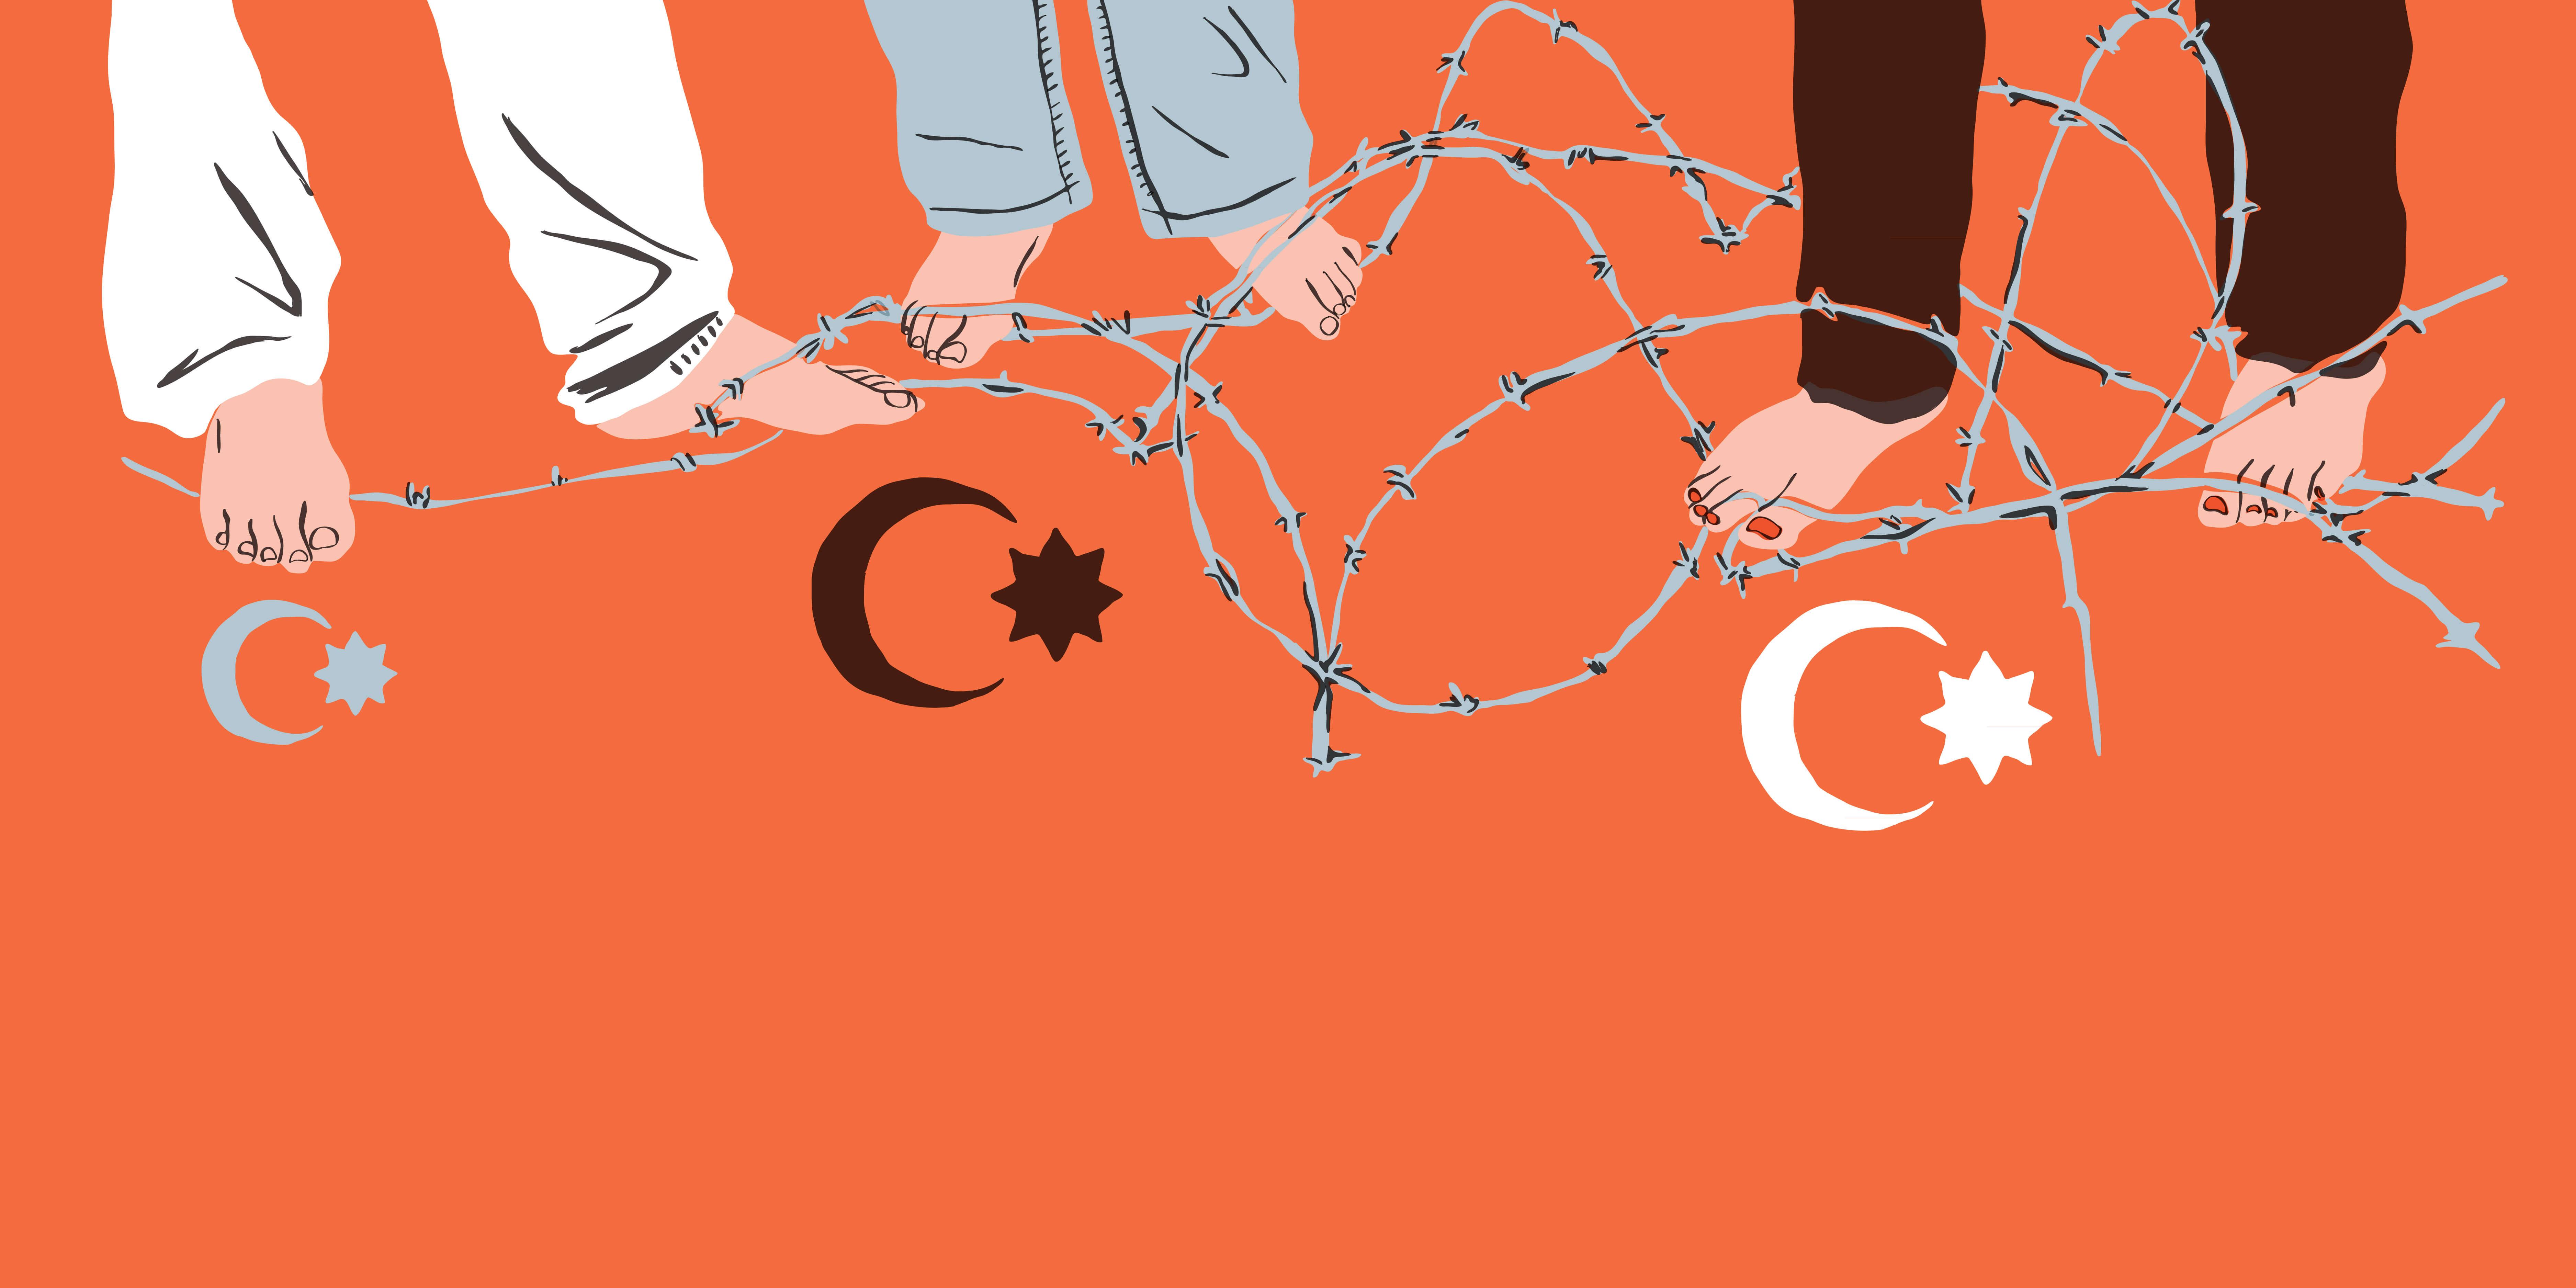 site de rencontres gratuit Azerbaïdjan datant de nouveau après Heartbreak